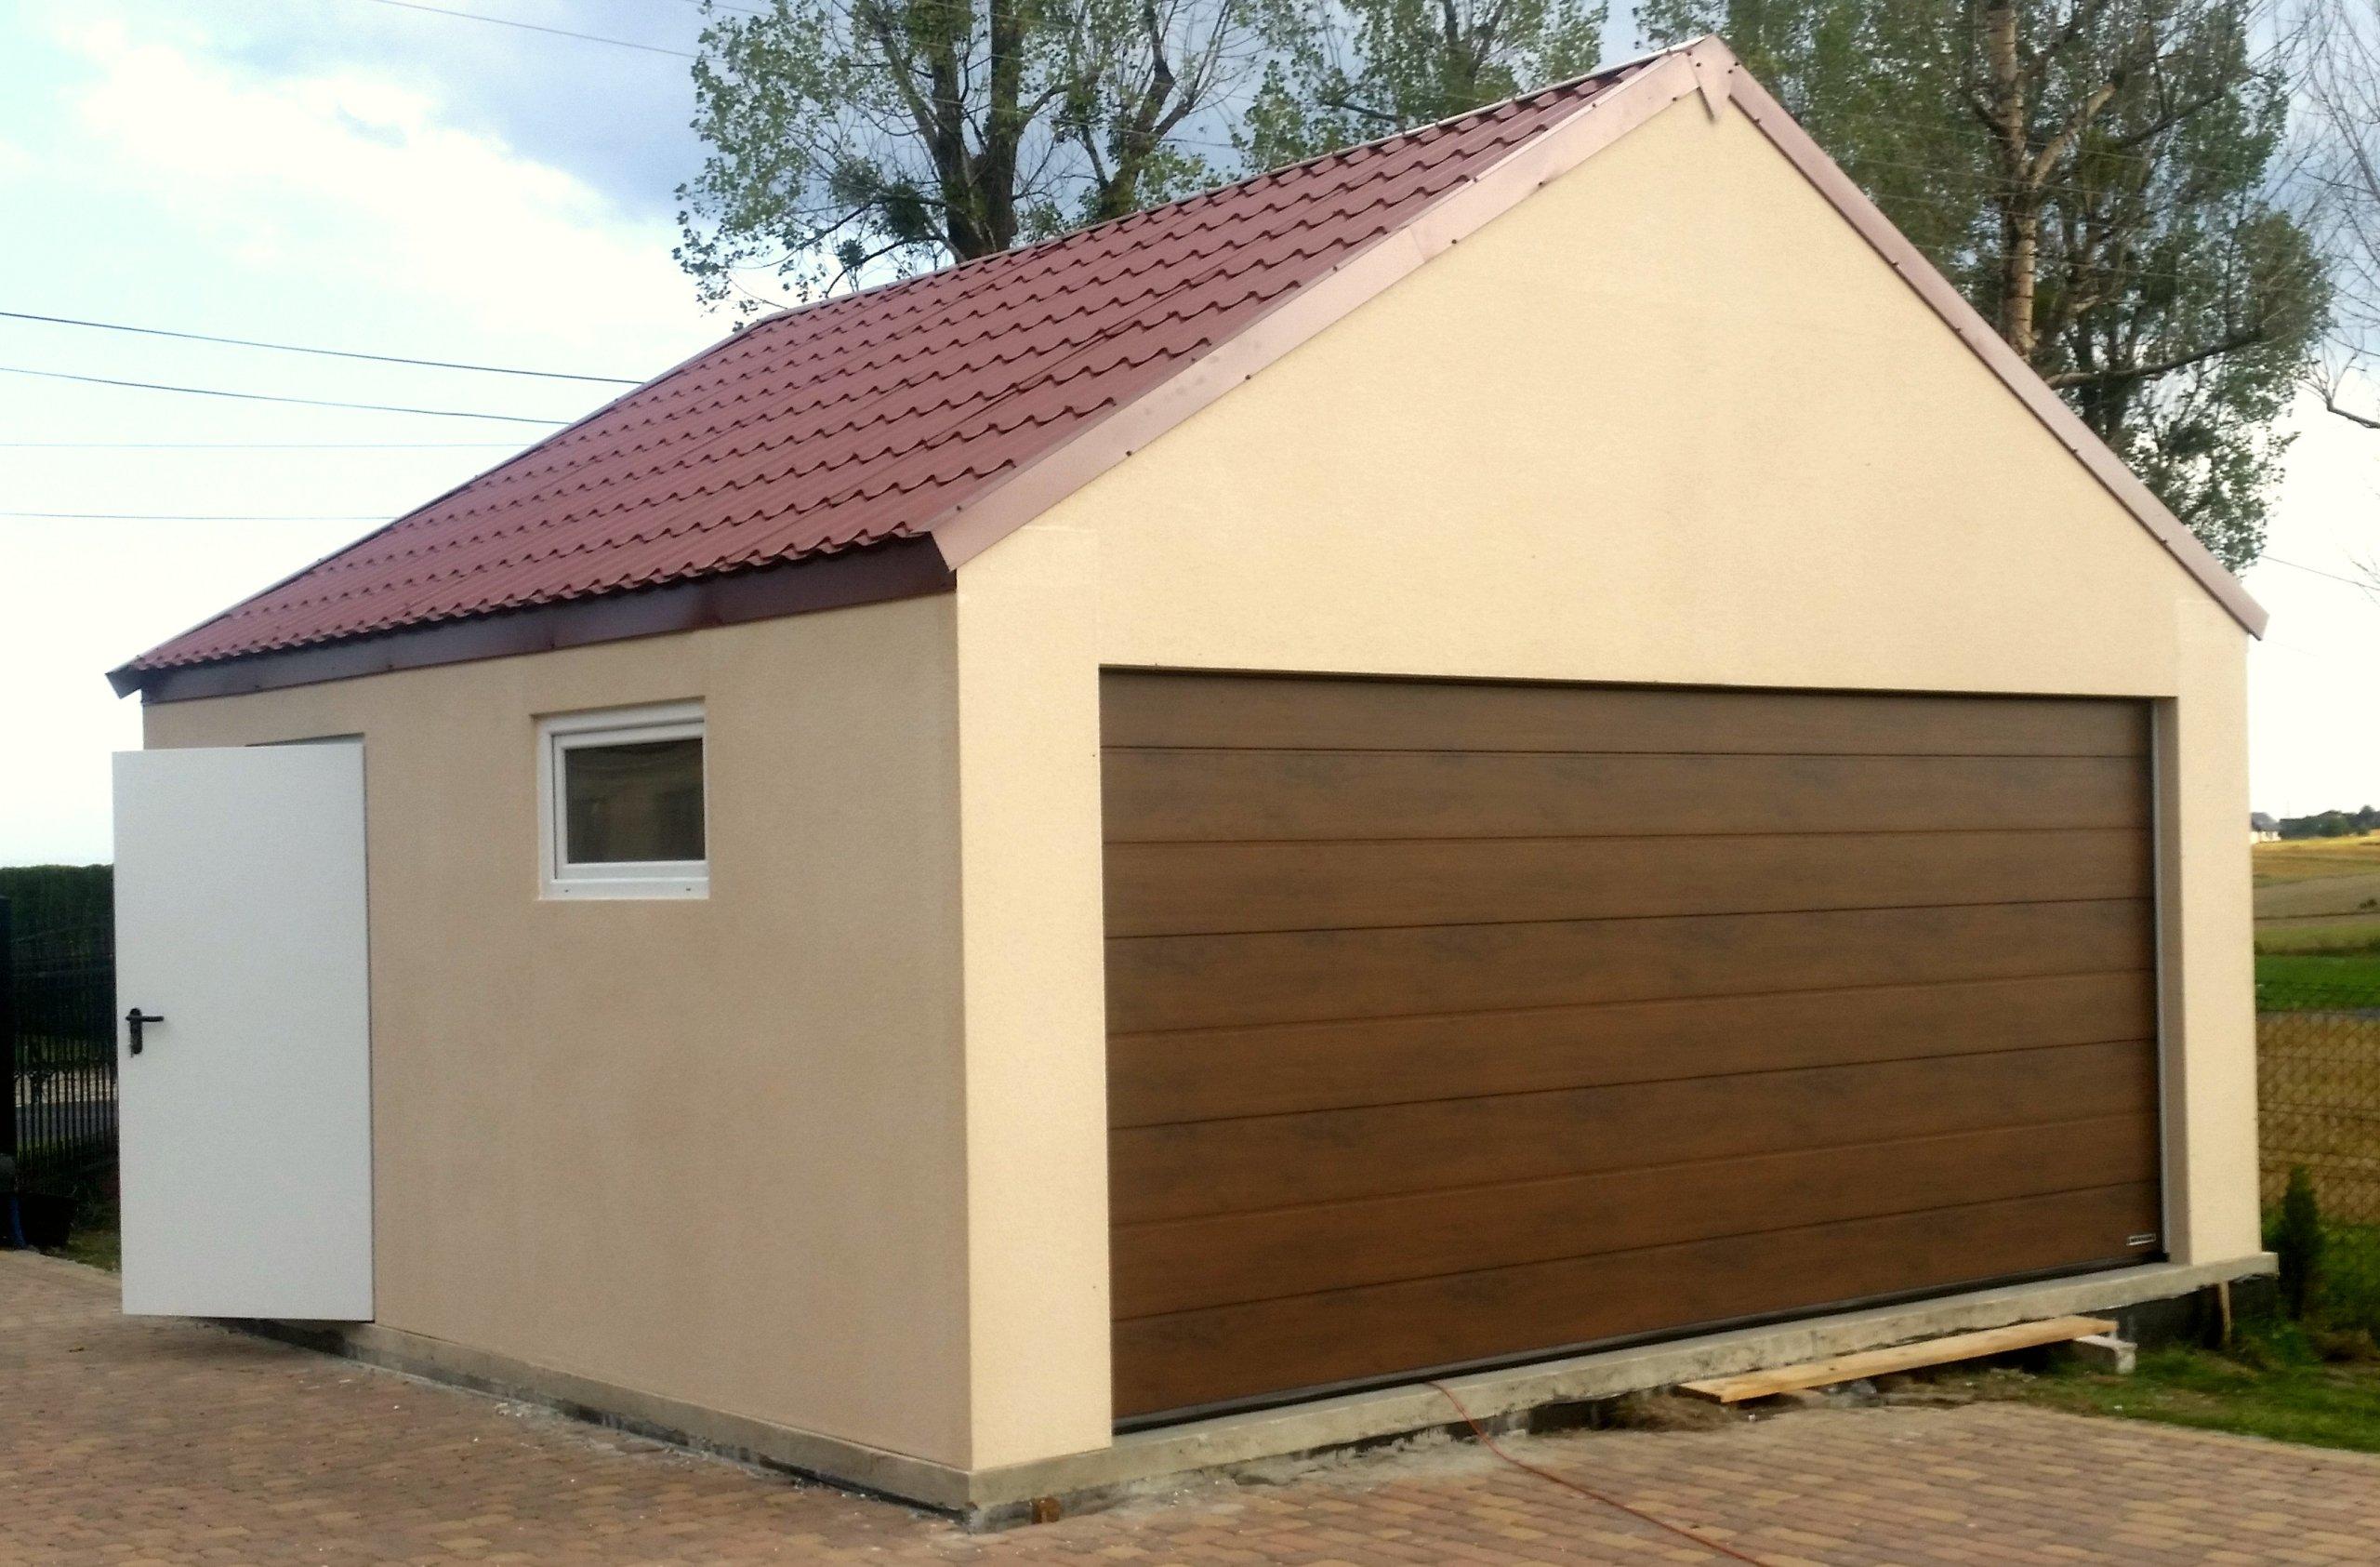 Garaż 35m2 Tynkowany Ocieplany 2 Auta Roanbudpl 7359558266